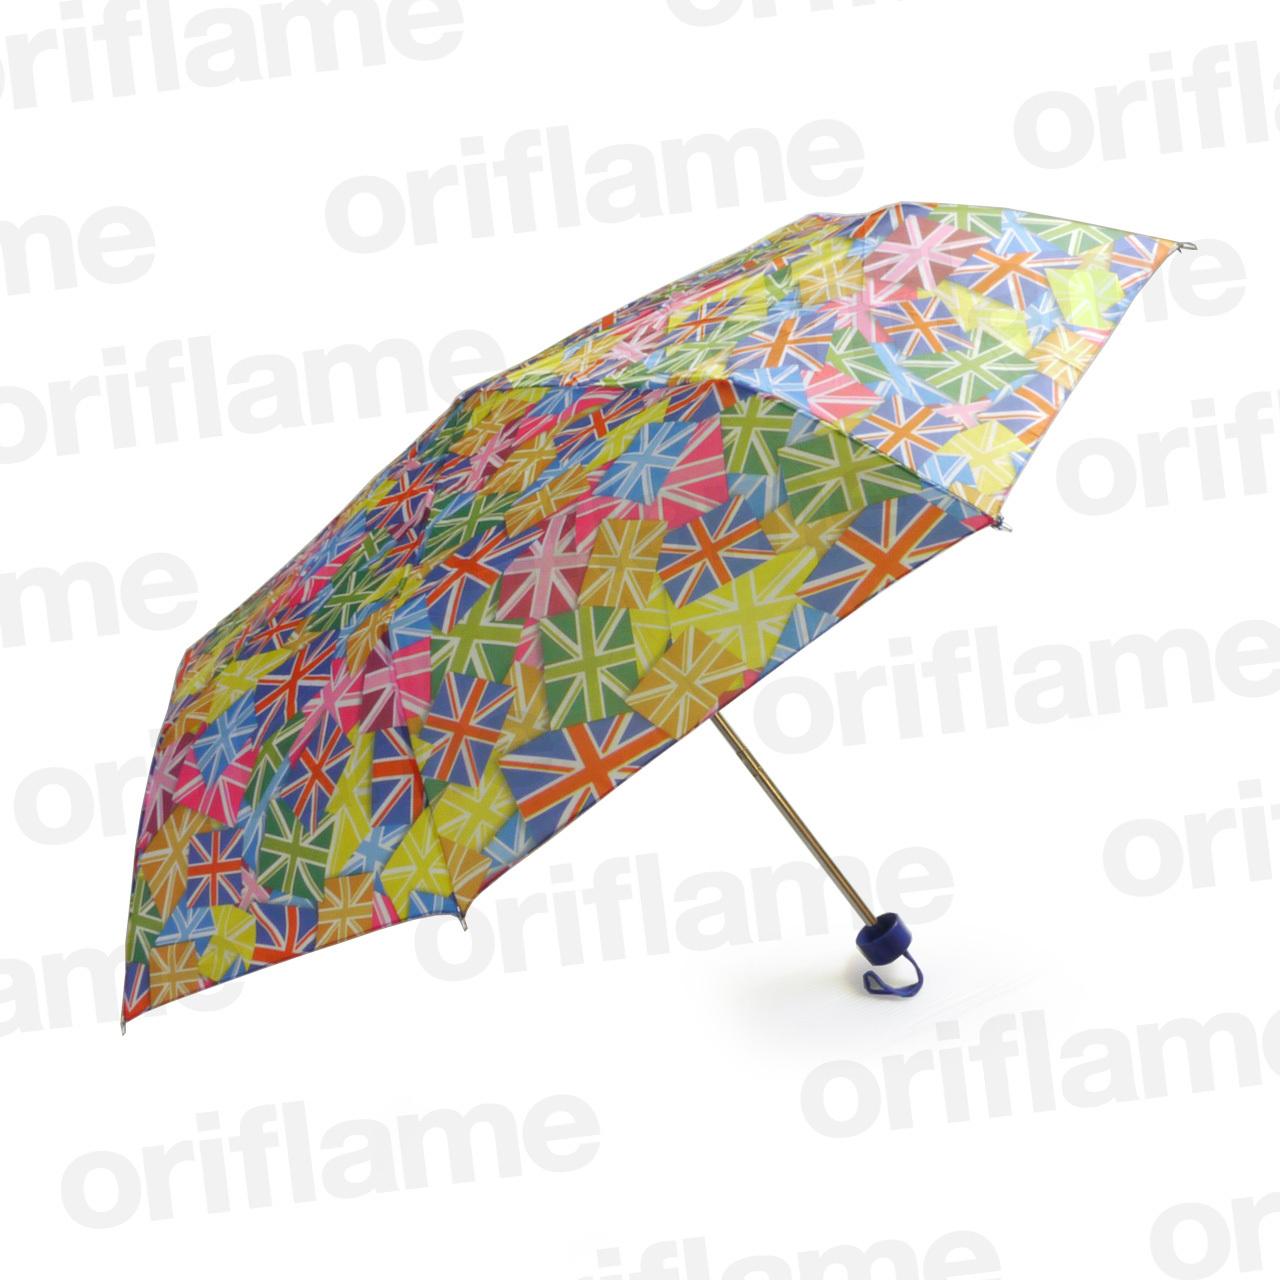 傘・折りたたみ・ユニオンジャック・マルチカラー・プラスチックグリップ